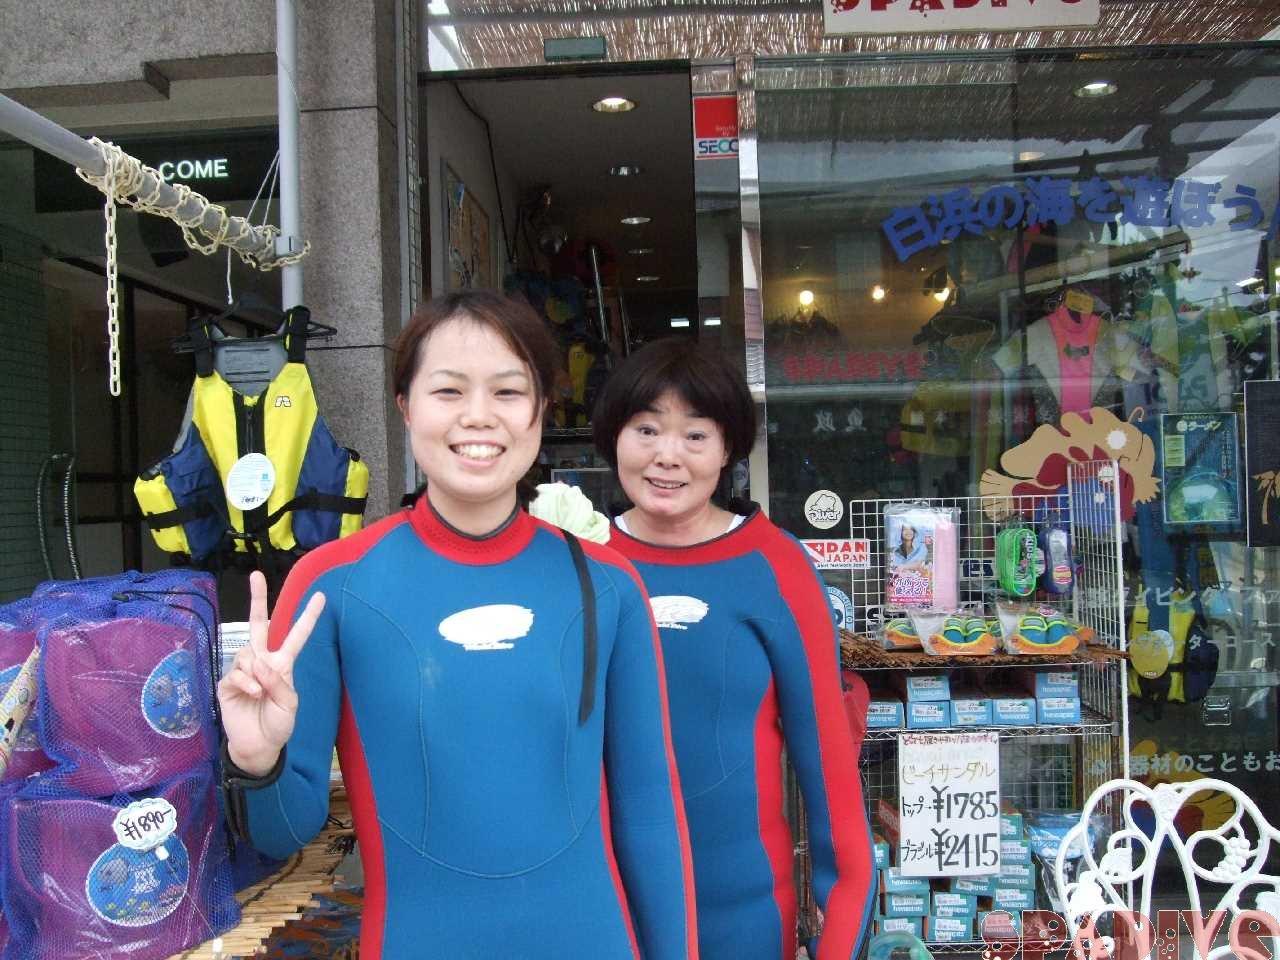 7/13/2012 海情報 権現崎 体験ダイビング